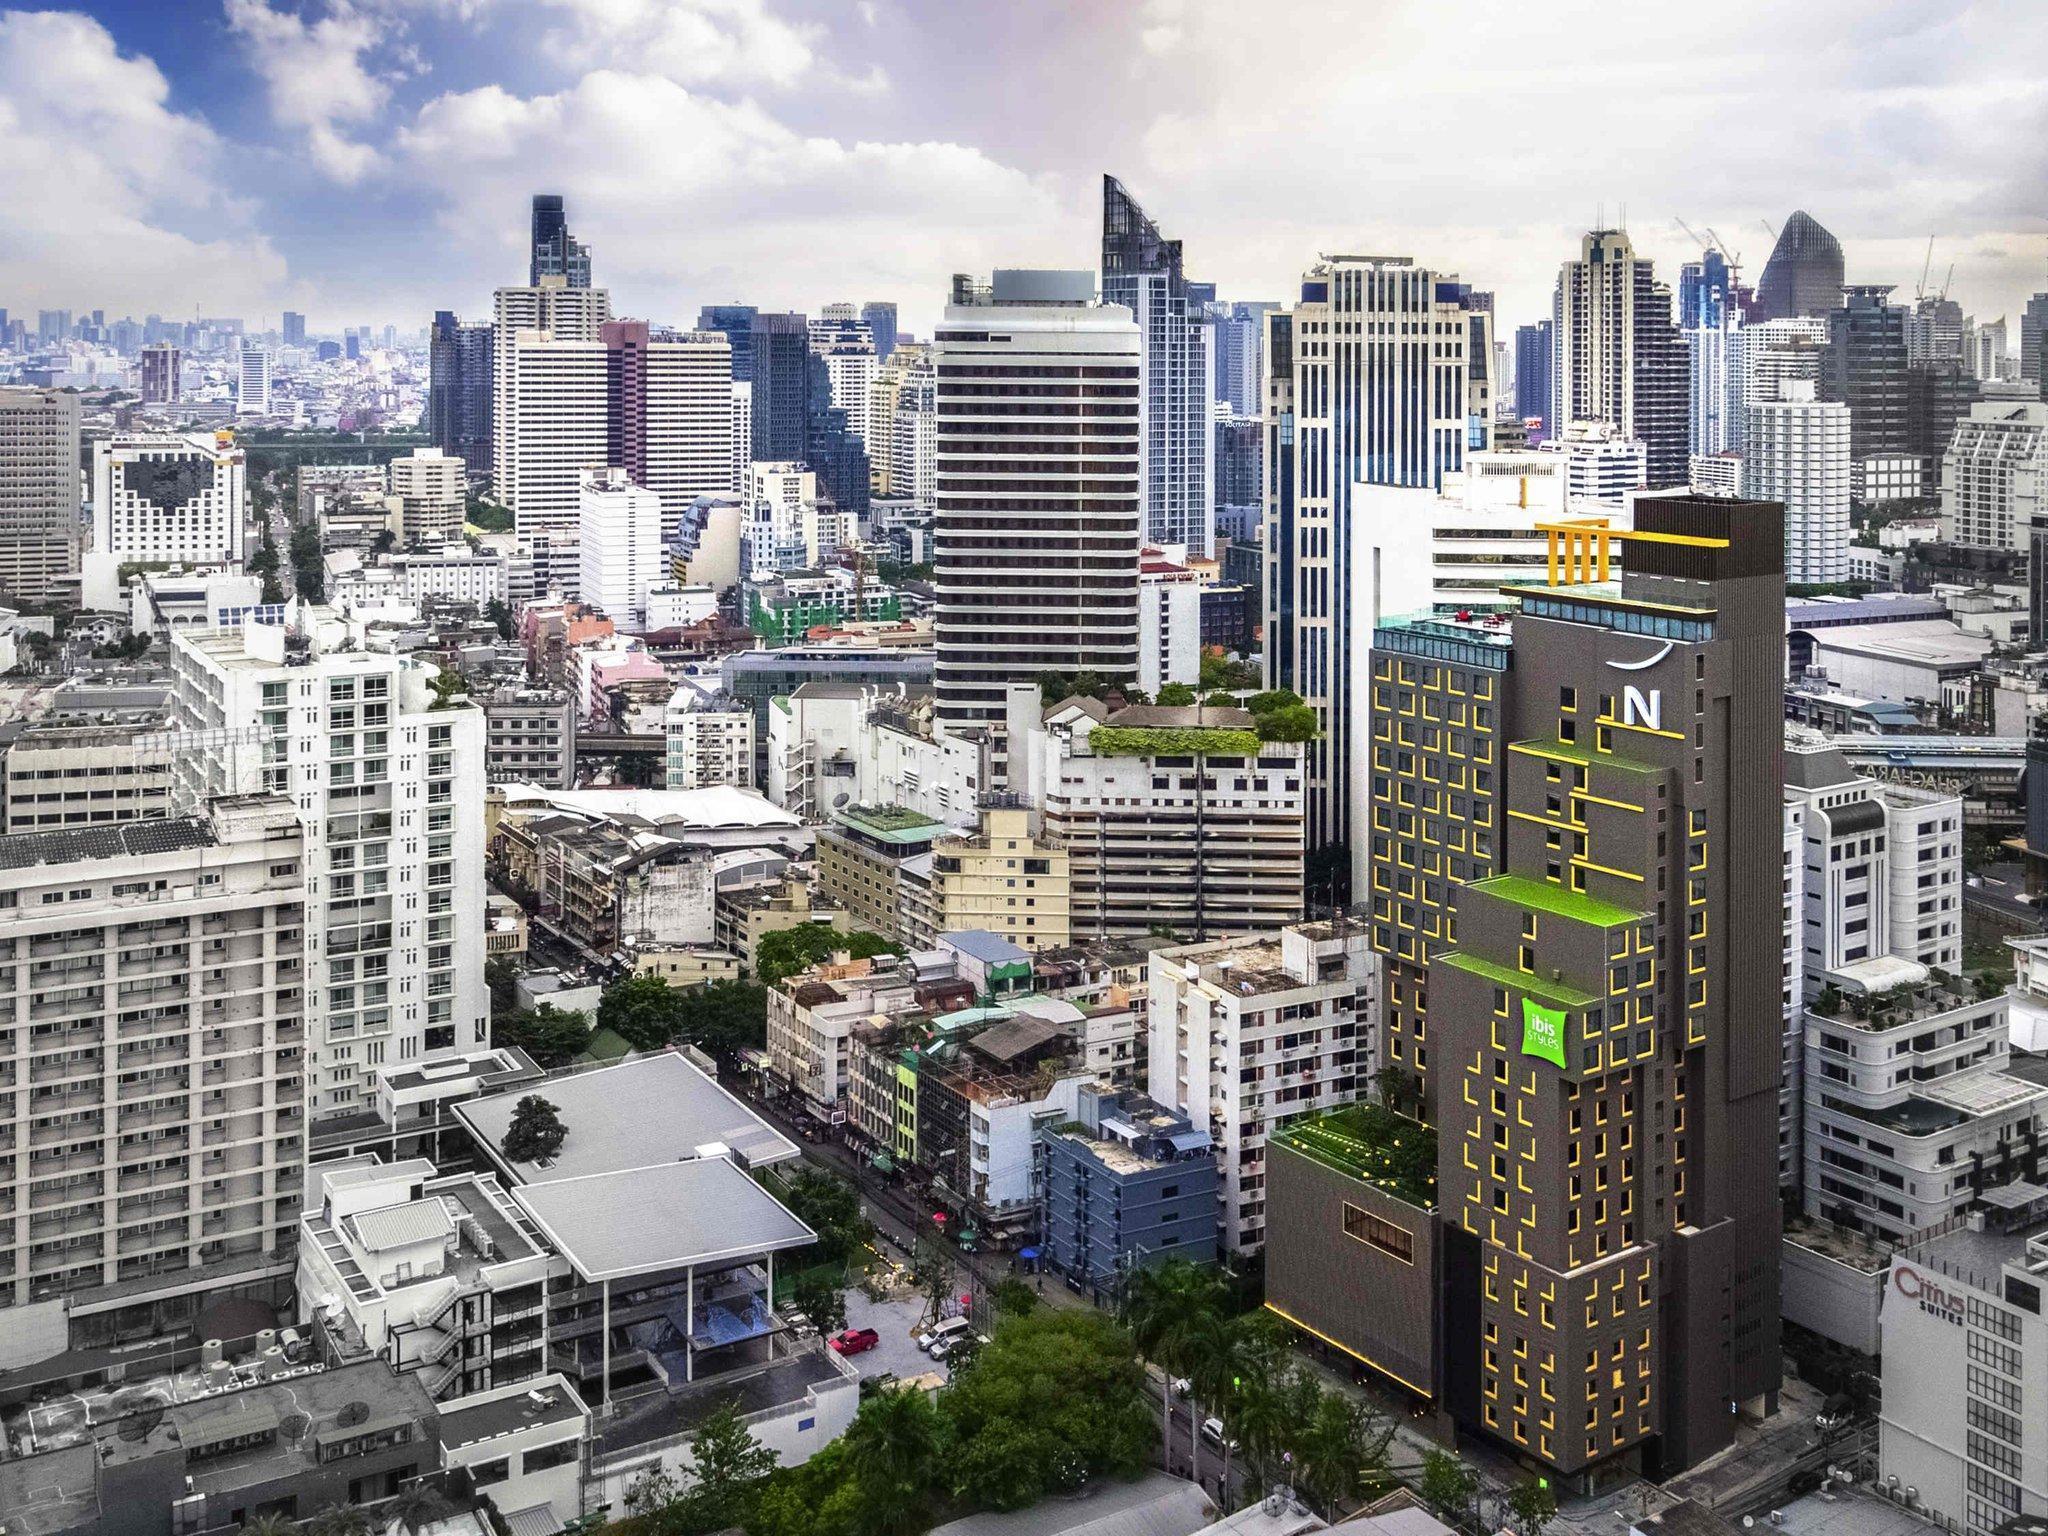 ibis Styles Bangkok Sukhumvit 4 ไอบิส สไตล์ สุขุมวิท 4 กรุงเทพฯ